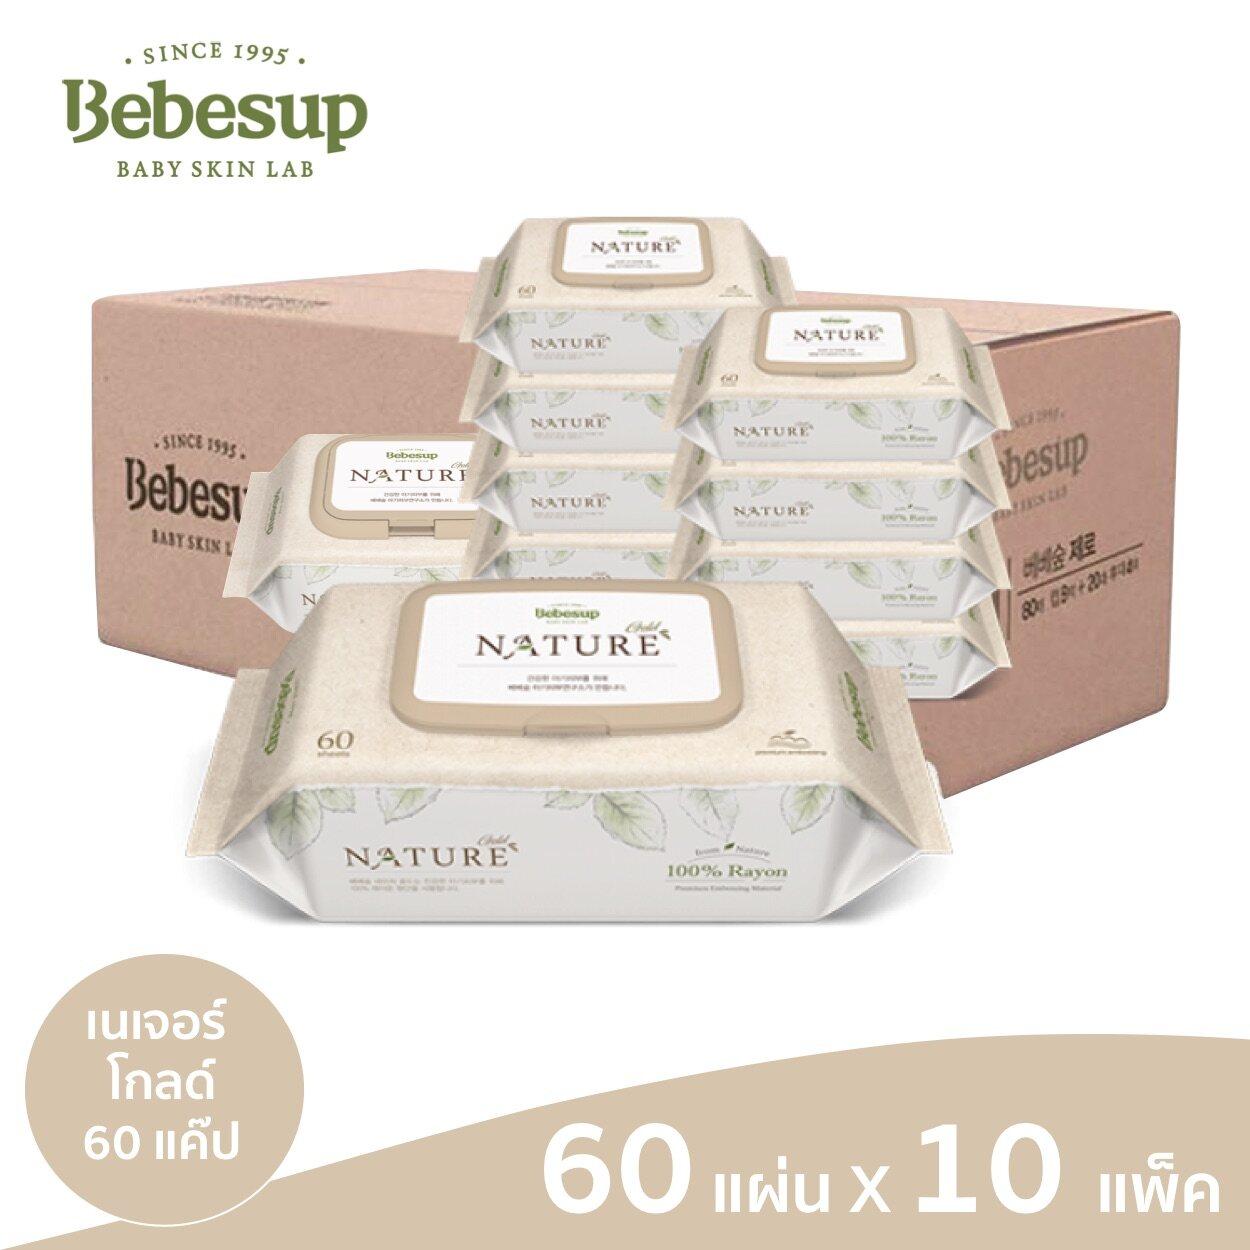 Bebesup ทิชชู่เปียกเช็ดทำความสะอาดผิวเด็ก (เนเจอร์ โกล์ด60) X 10 แพ็ค.